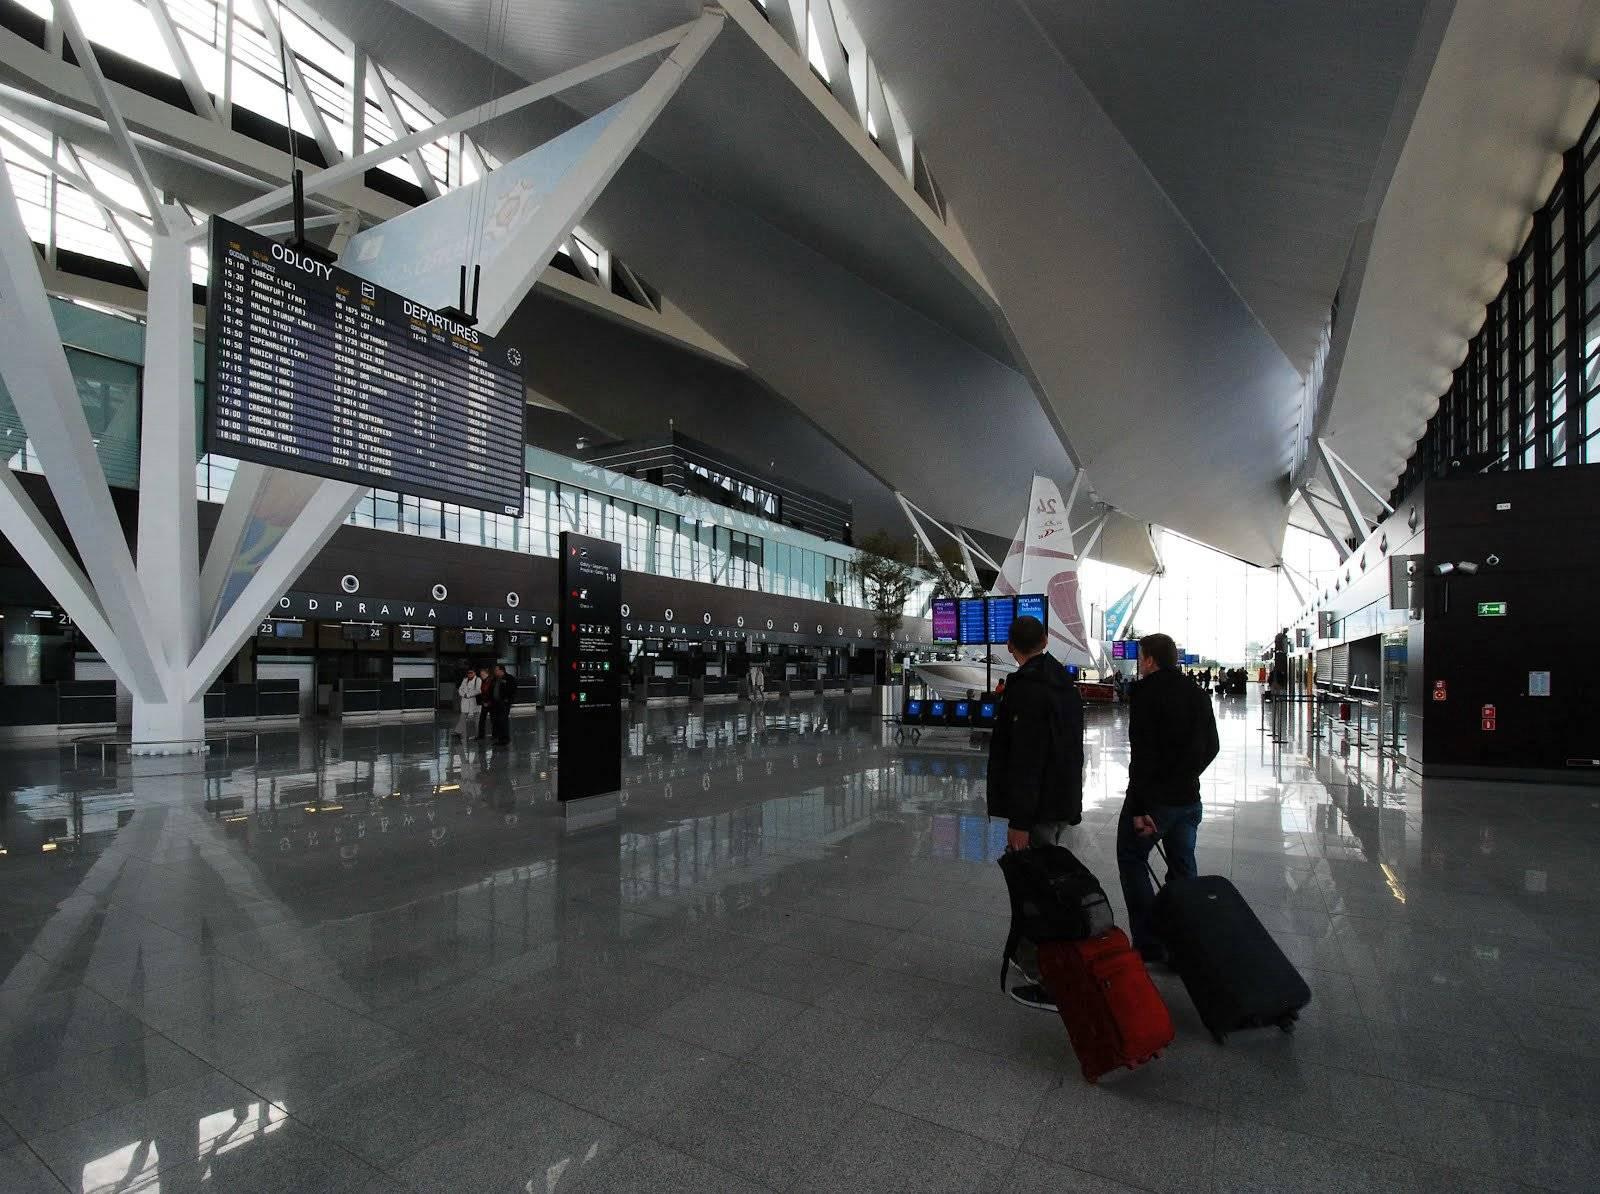 Гданьский аэропорт имени леха валенсы — википедия. что такое гданьский аэропорт имени леха валенсы